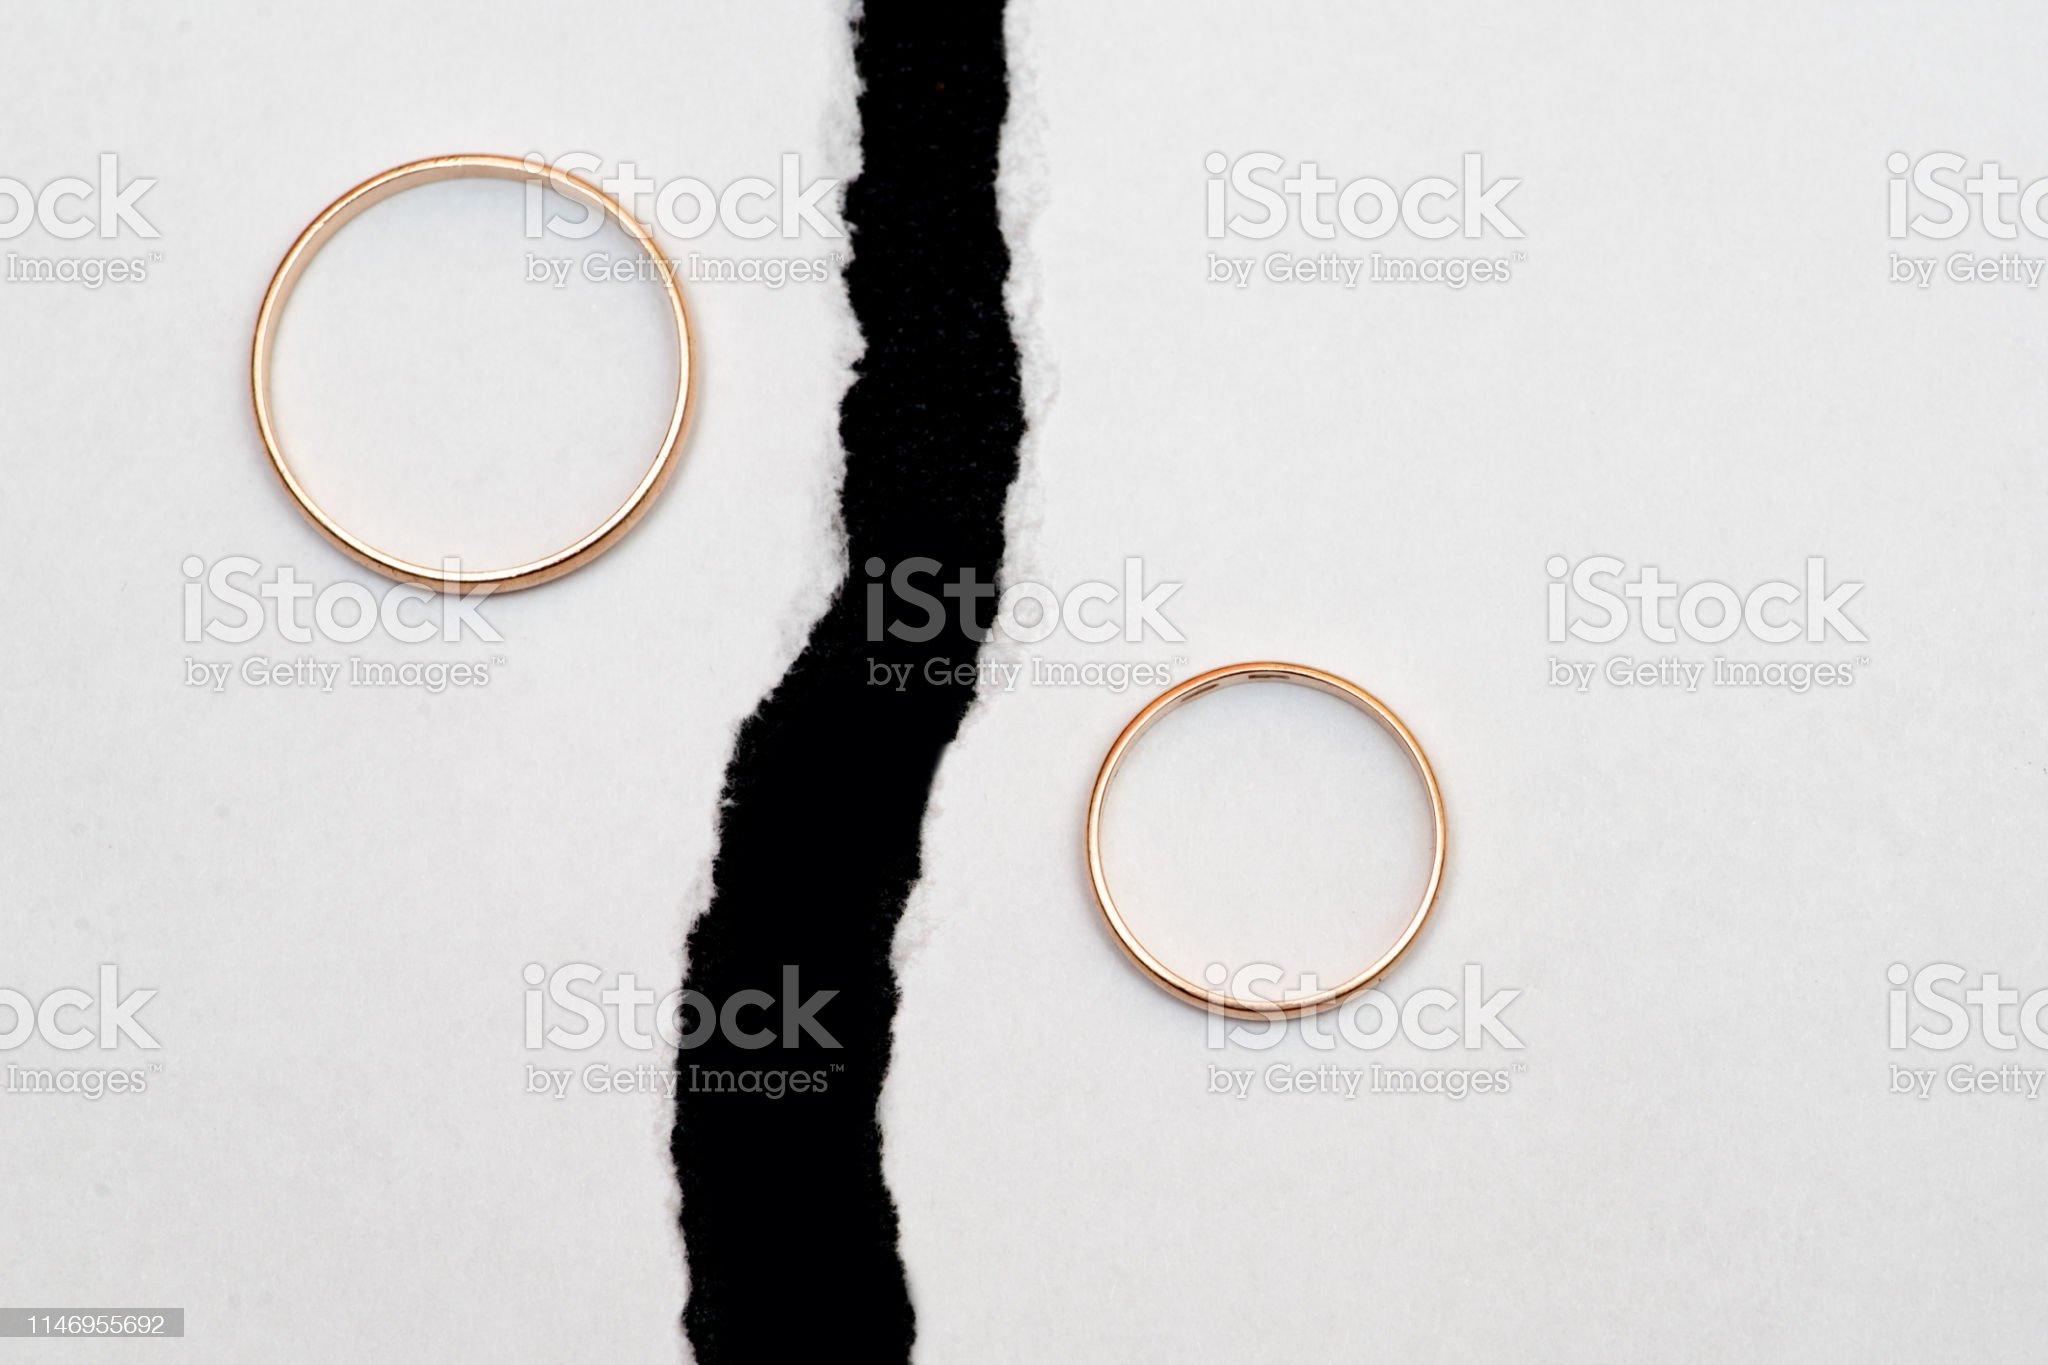 Anéis de casamento em metades diferentes de uma folha rasgada do livro branco. - Foto de stock de Aliança de noivado royalty-free